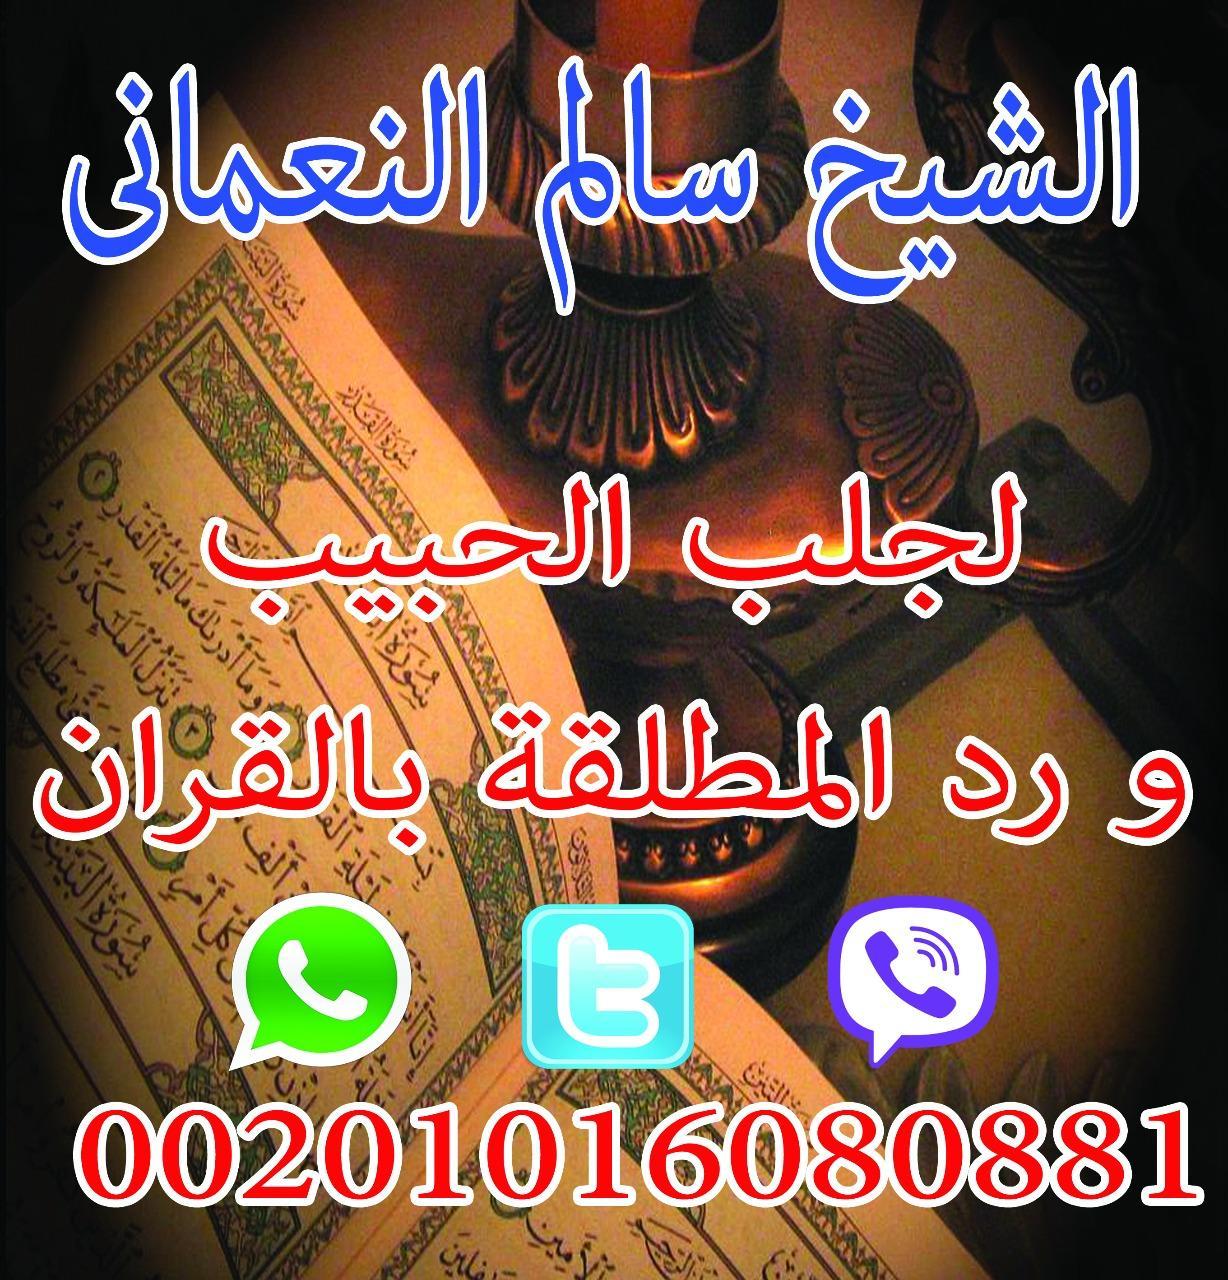 افضل روحاني السعودية00201016080881 175091825.jpg